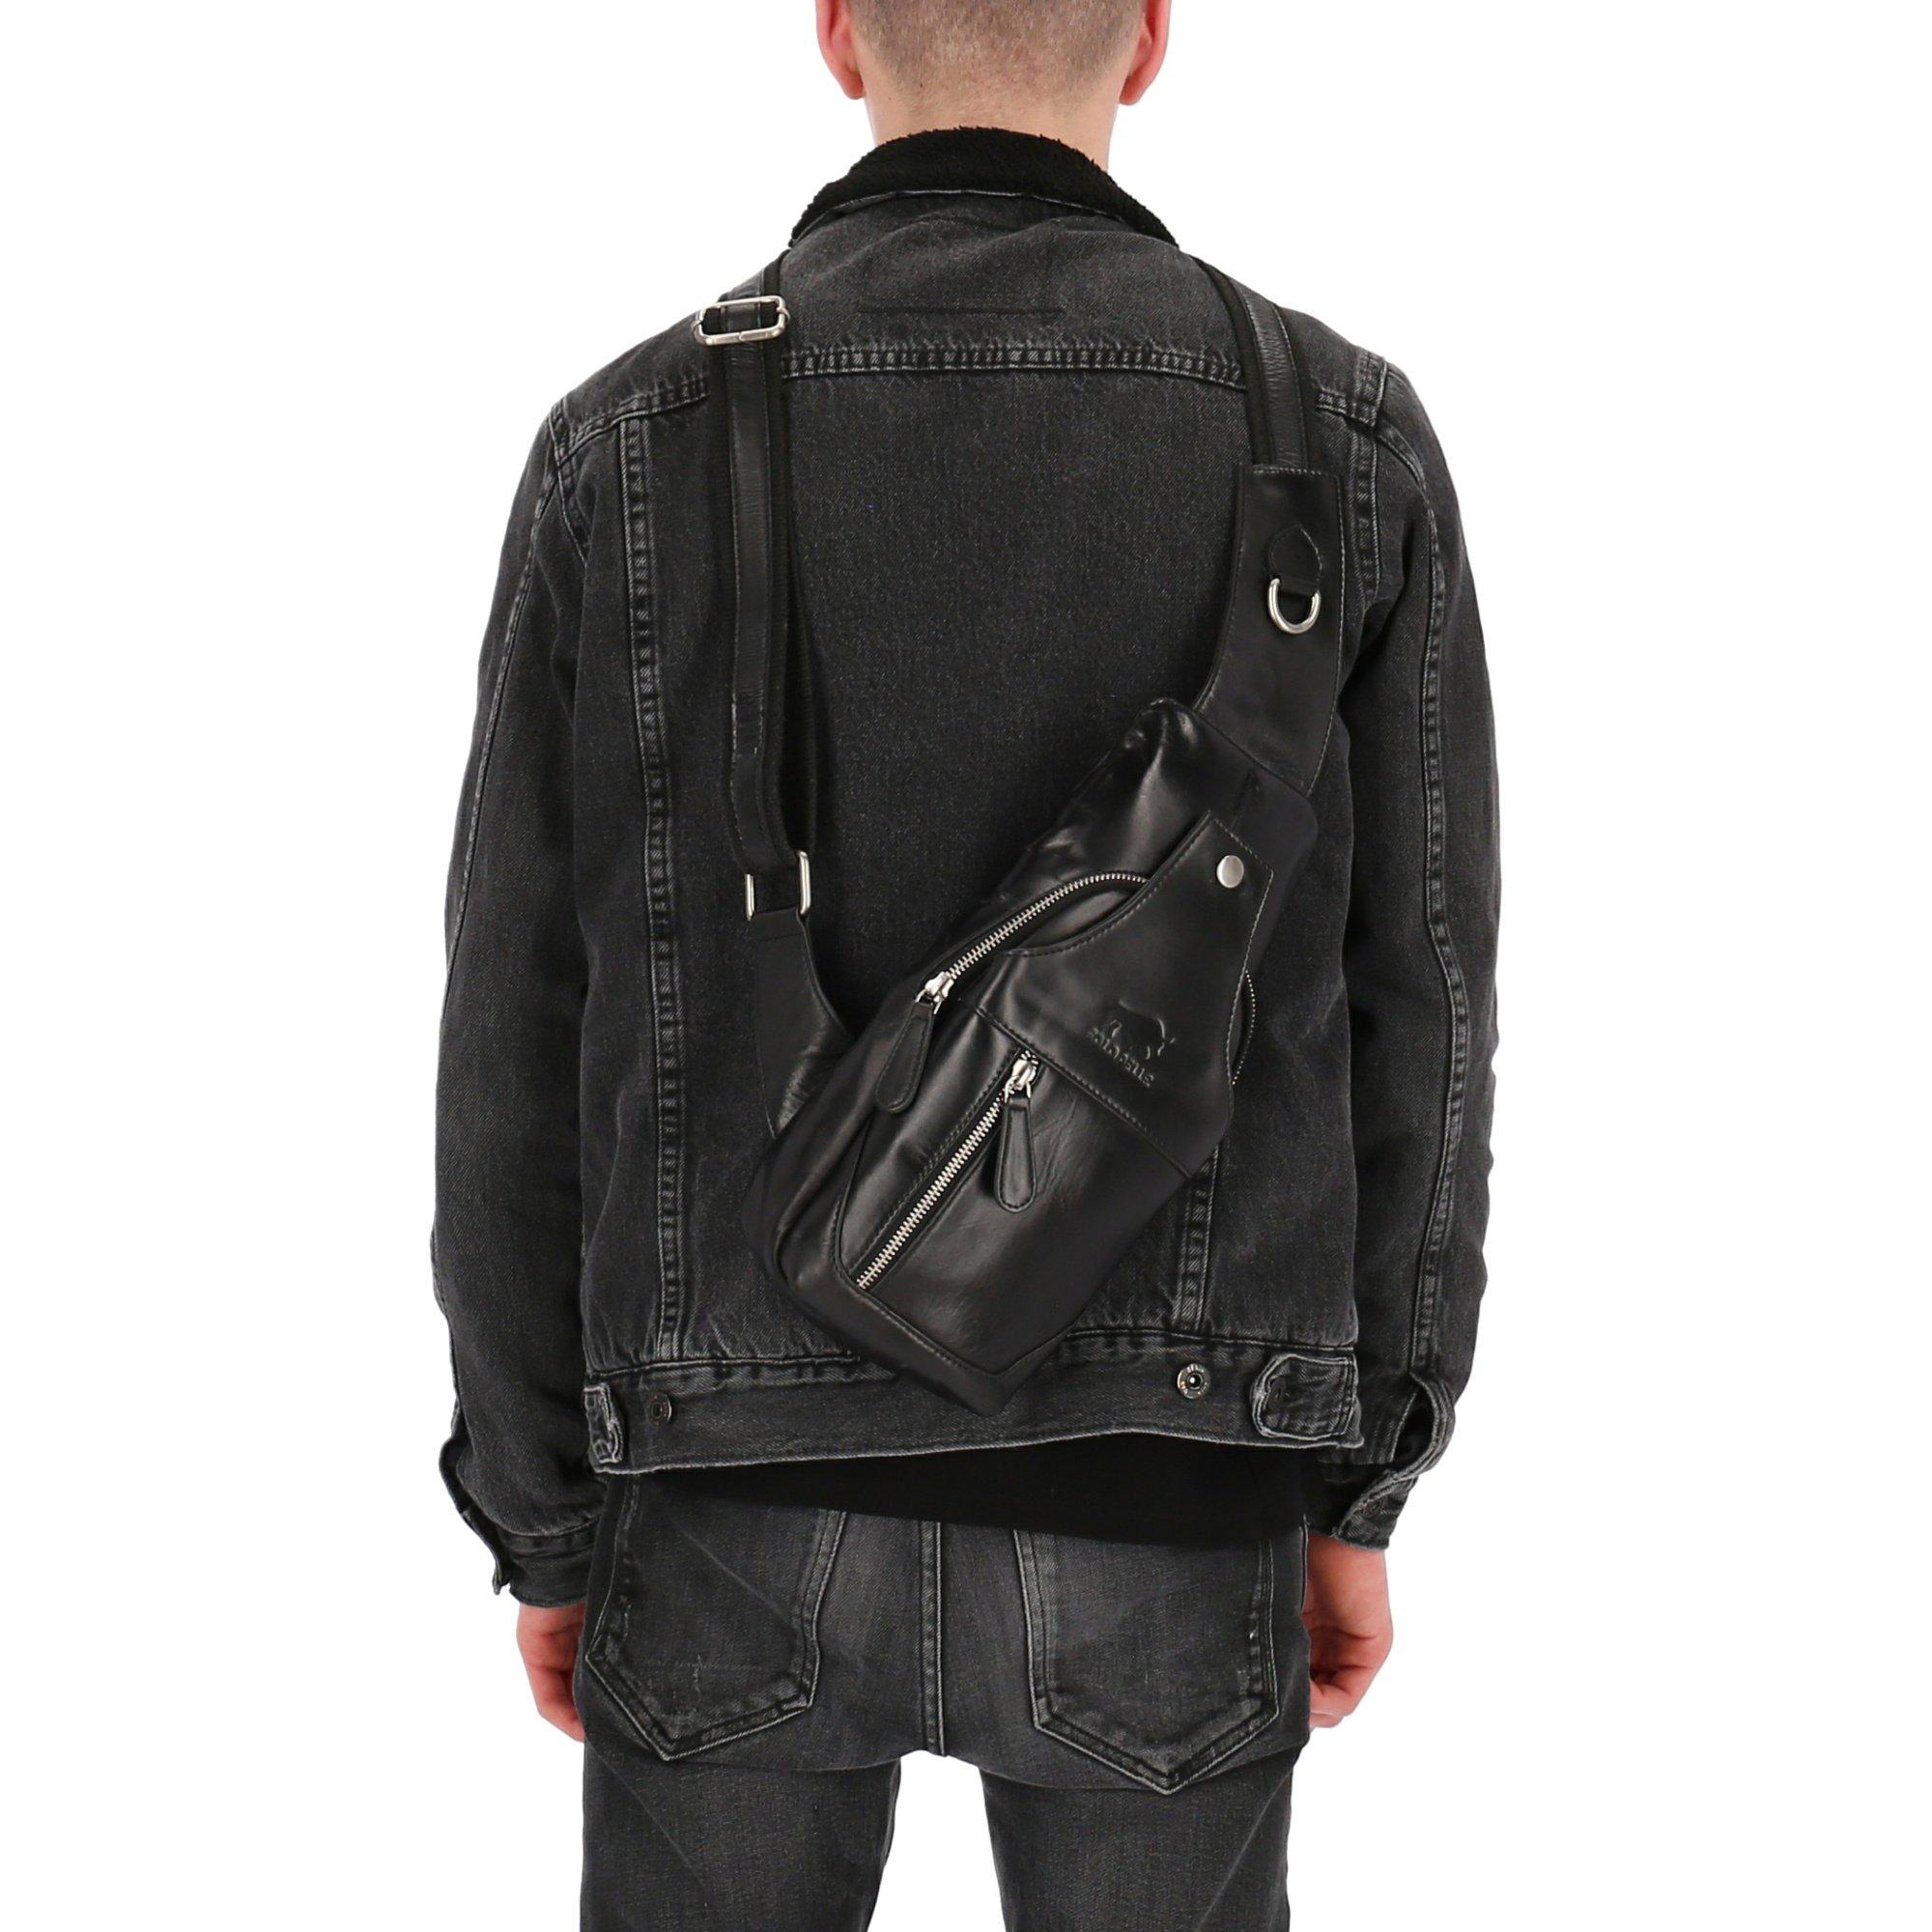 Solo Pelle Bodybag aus echtem Leder/Umhängetasche, Reisetasche Schultertasche Danny (Schwarz)